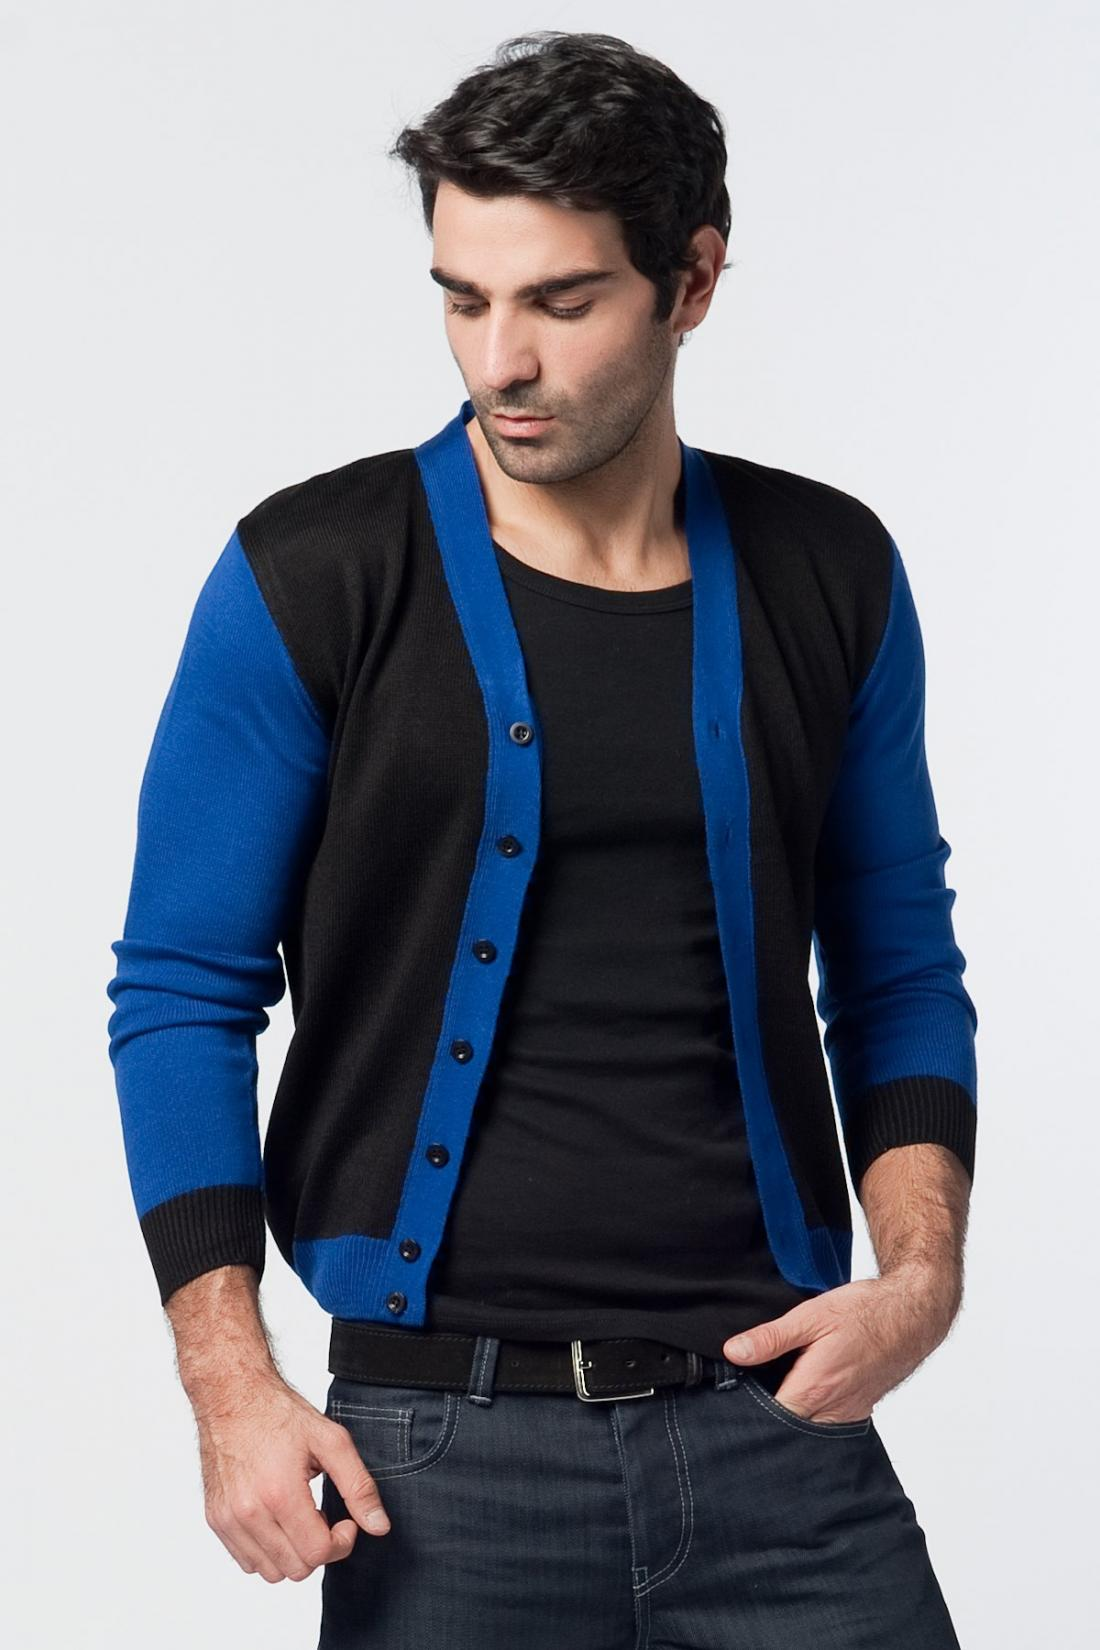 Стильная мужская одежда в Москве - купить мужскую одежду в